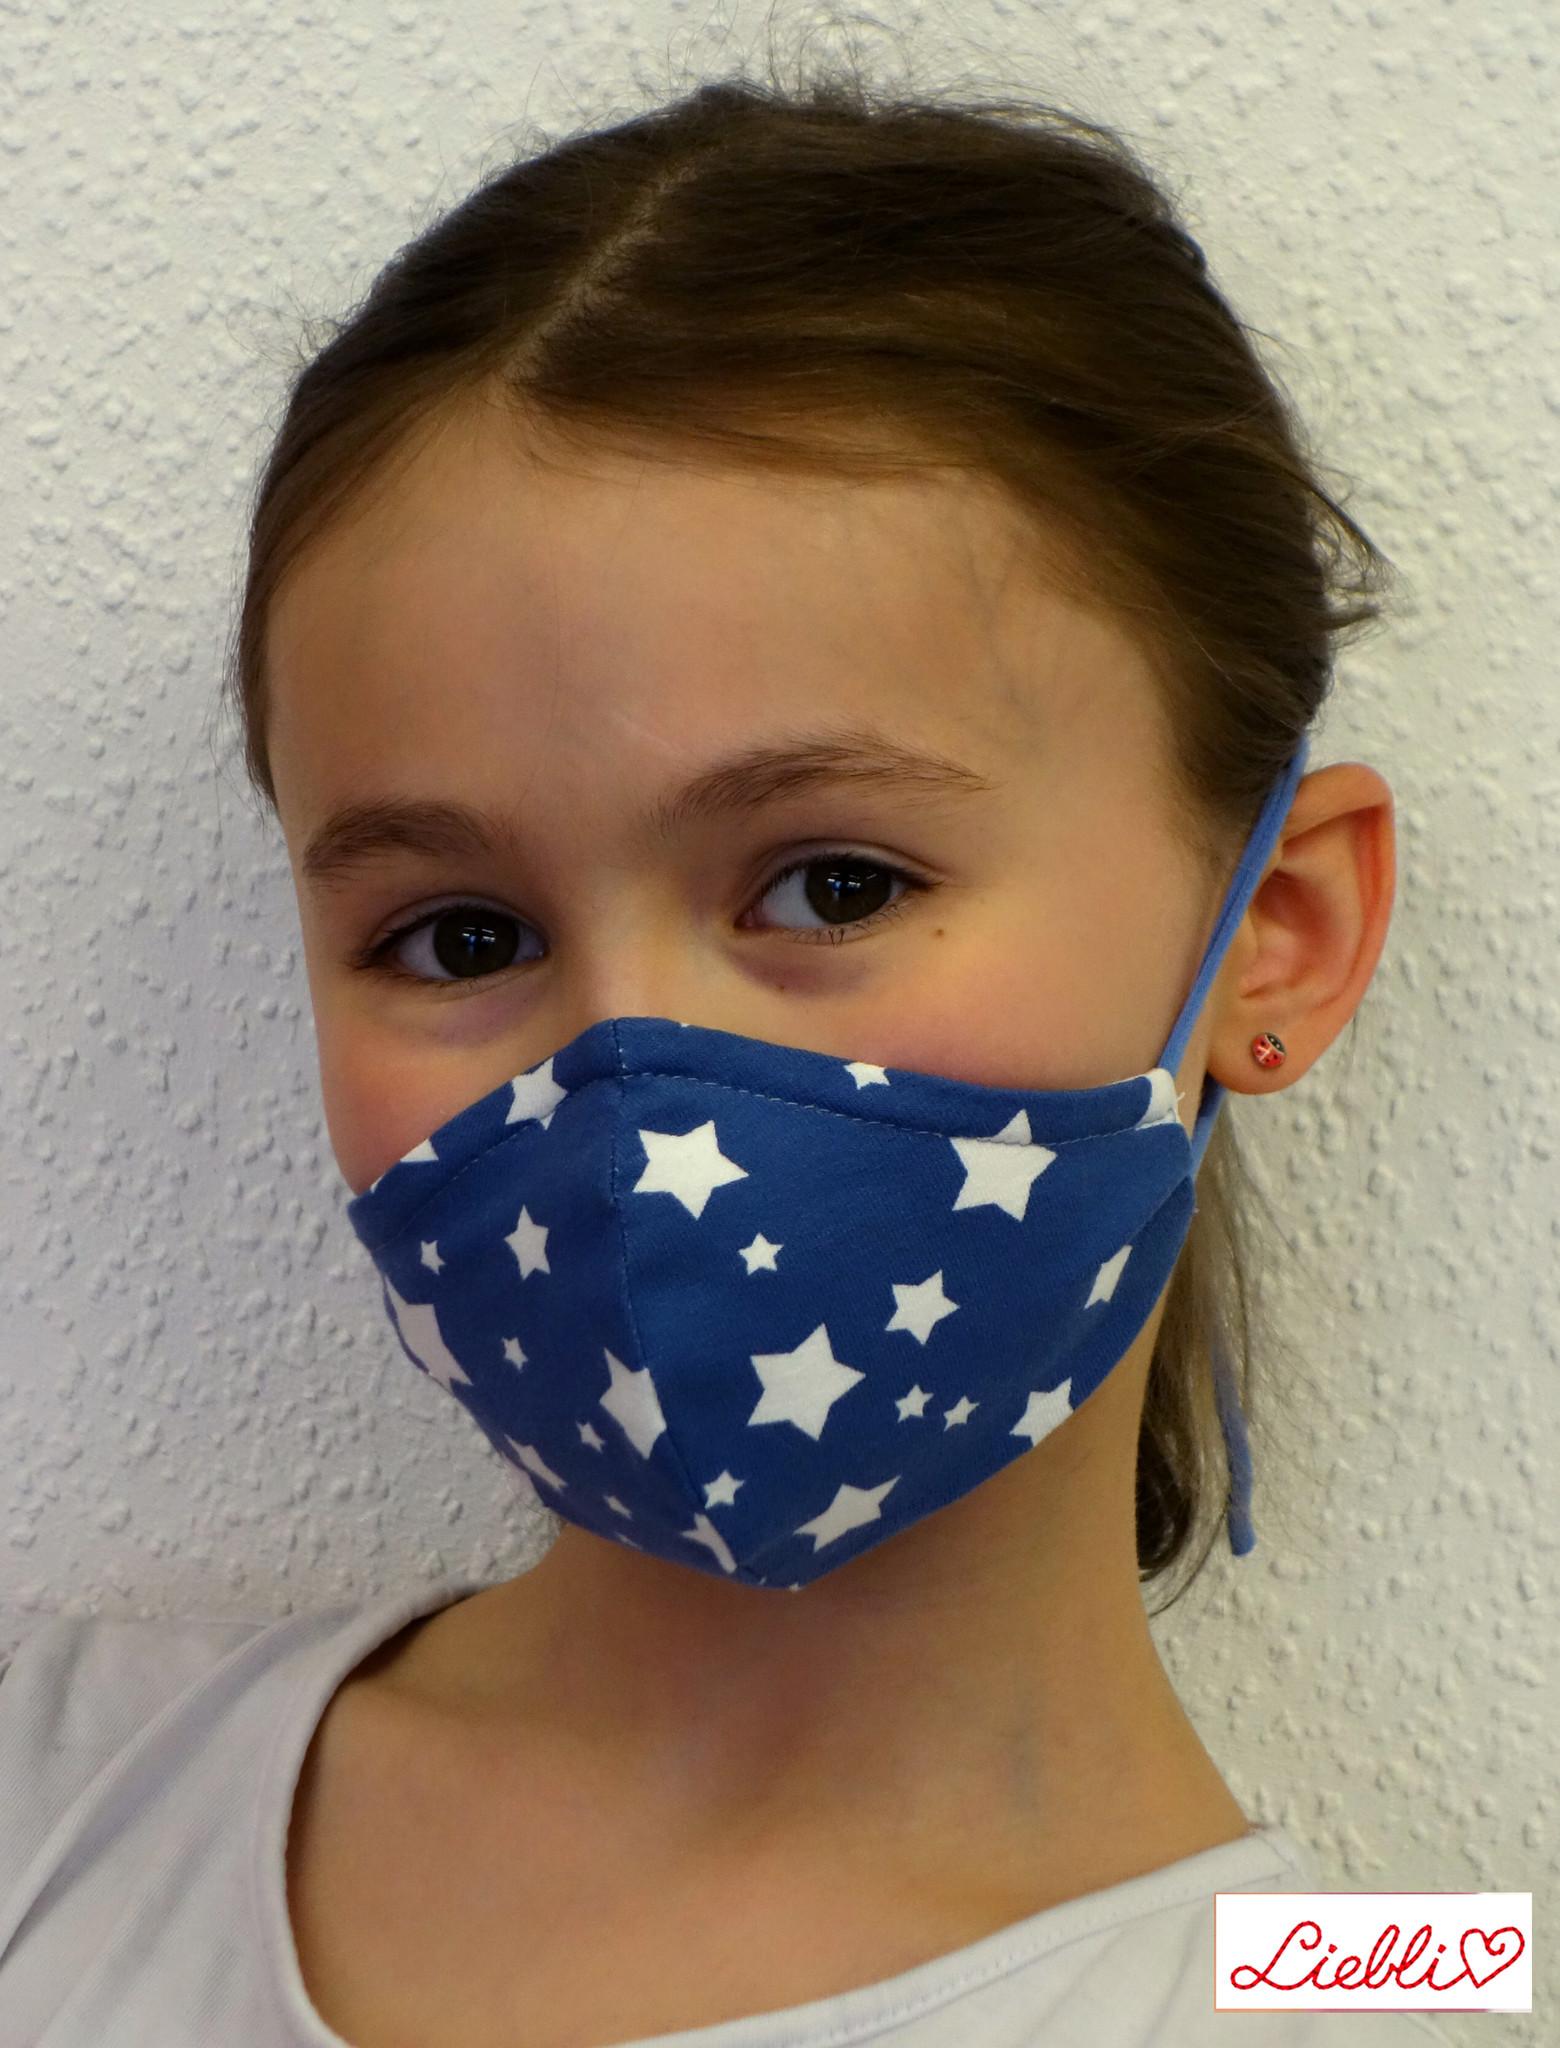 Kindermaske, Kinder Mundschutz, Mund-Nasen-Maske weiße Sterne auf jeansblau (auch in Erwachsenen Größen)